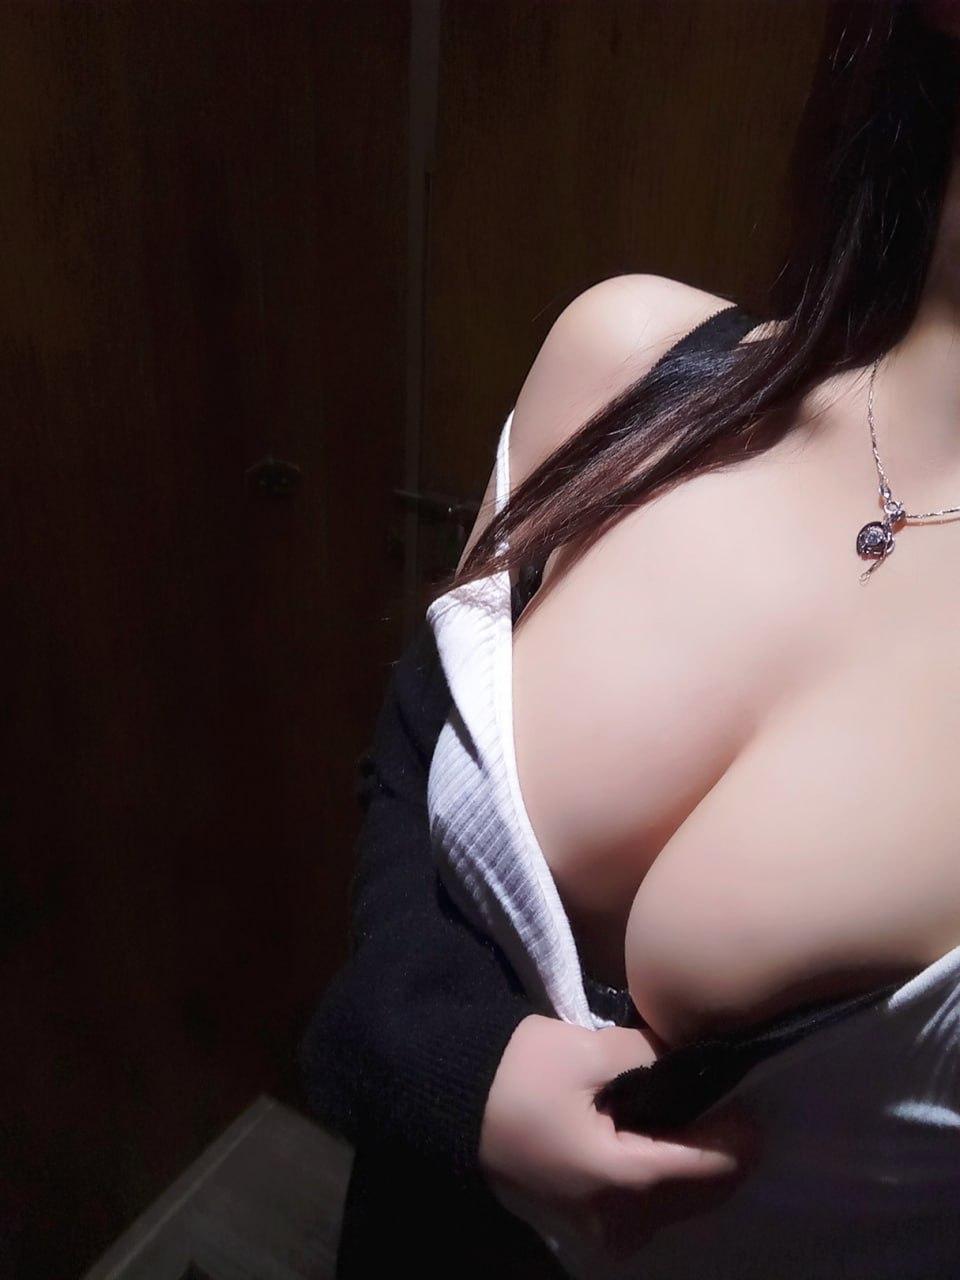 白衣制服美女爱户外